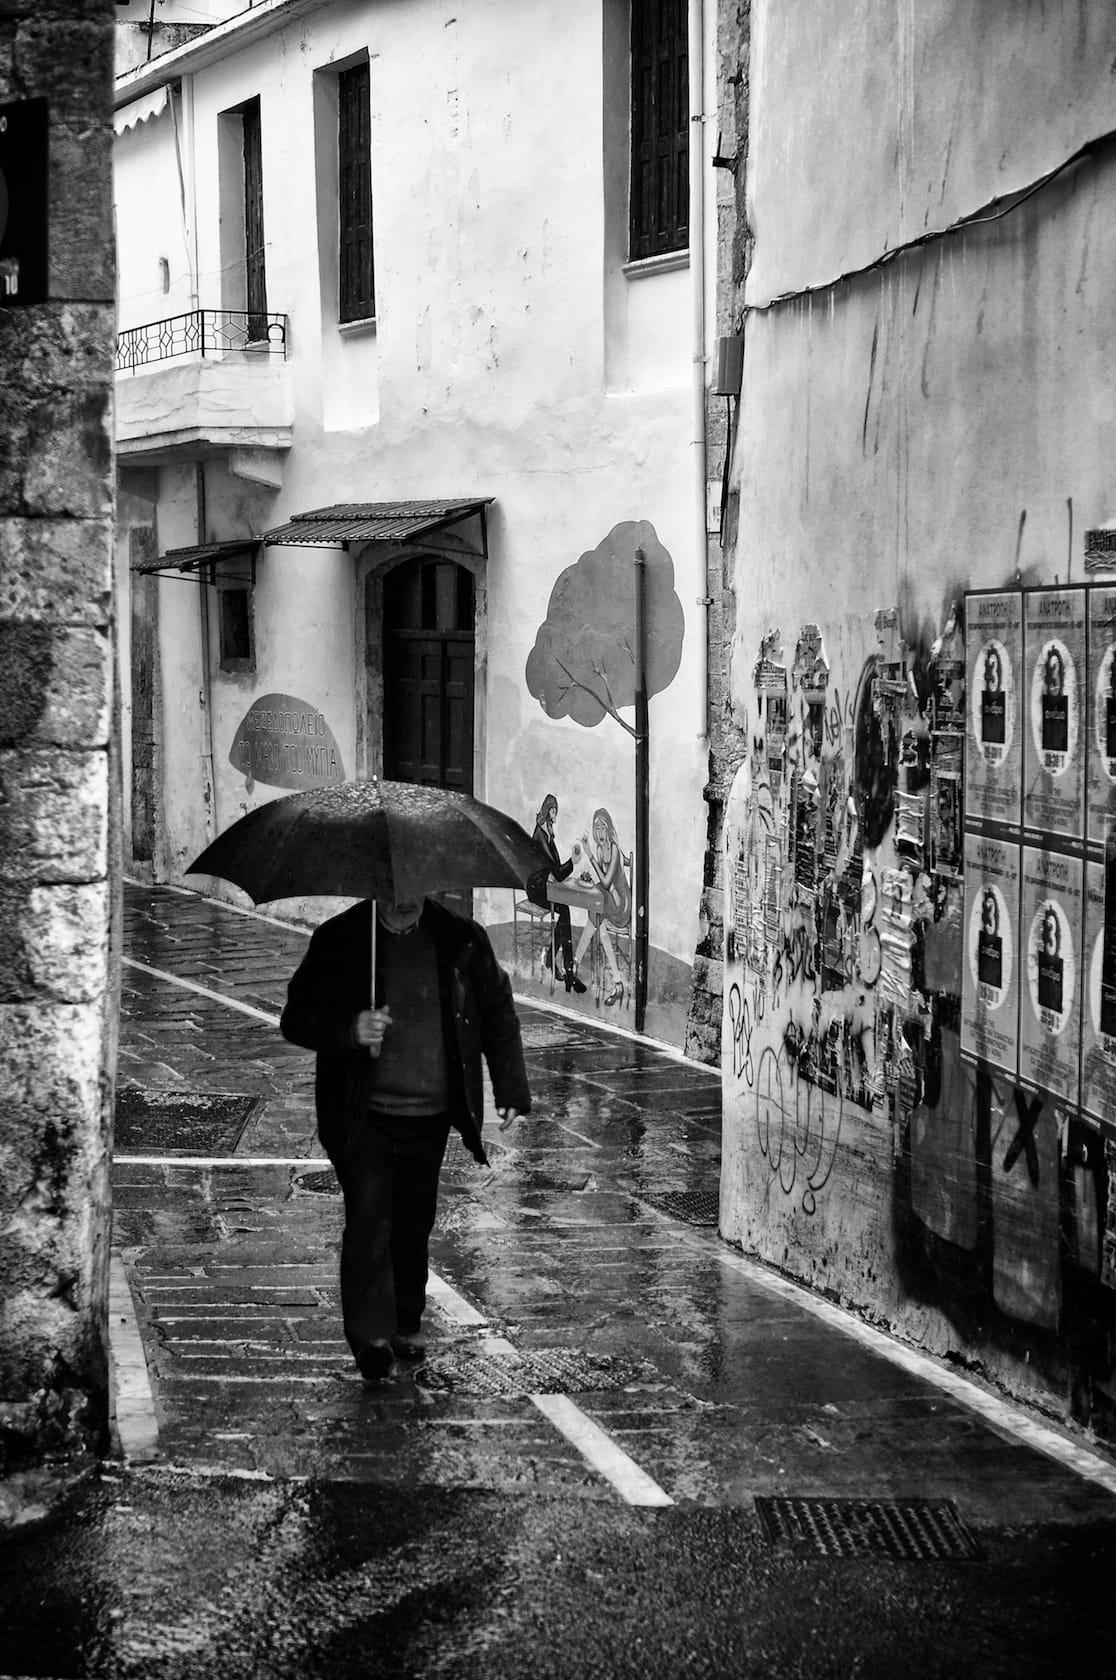 Rainy day in Rethymno